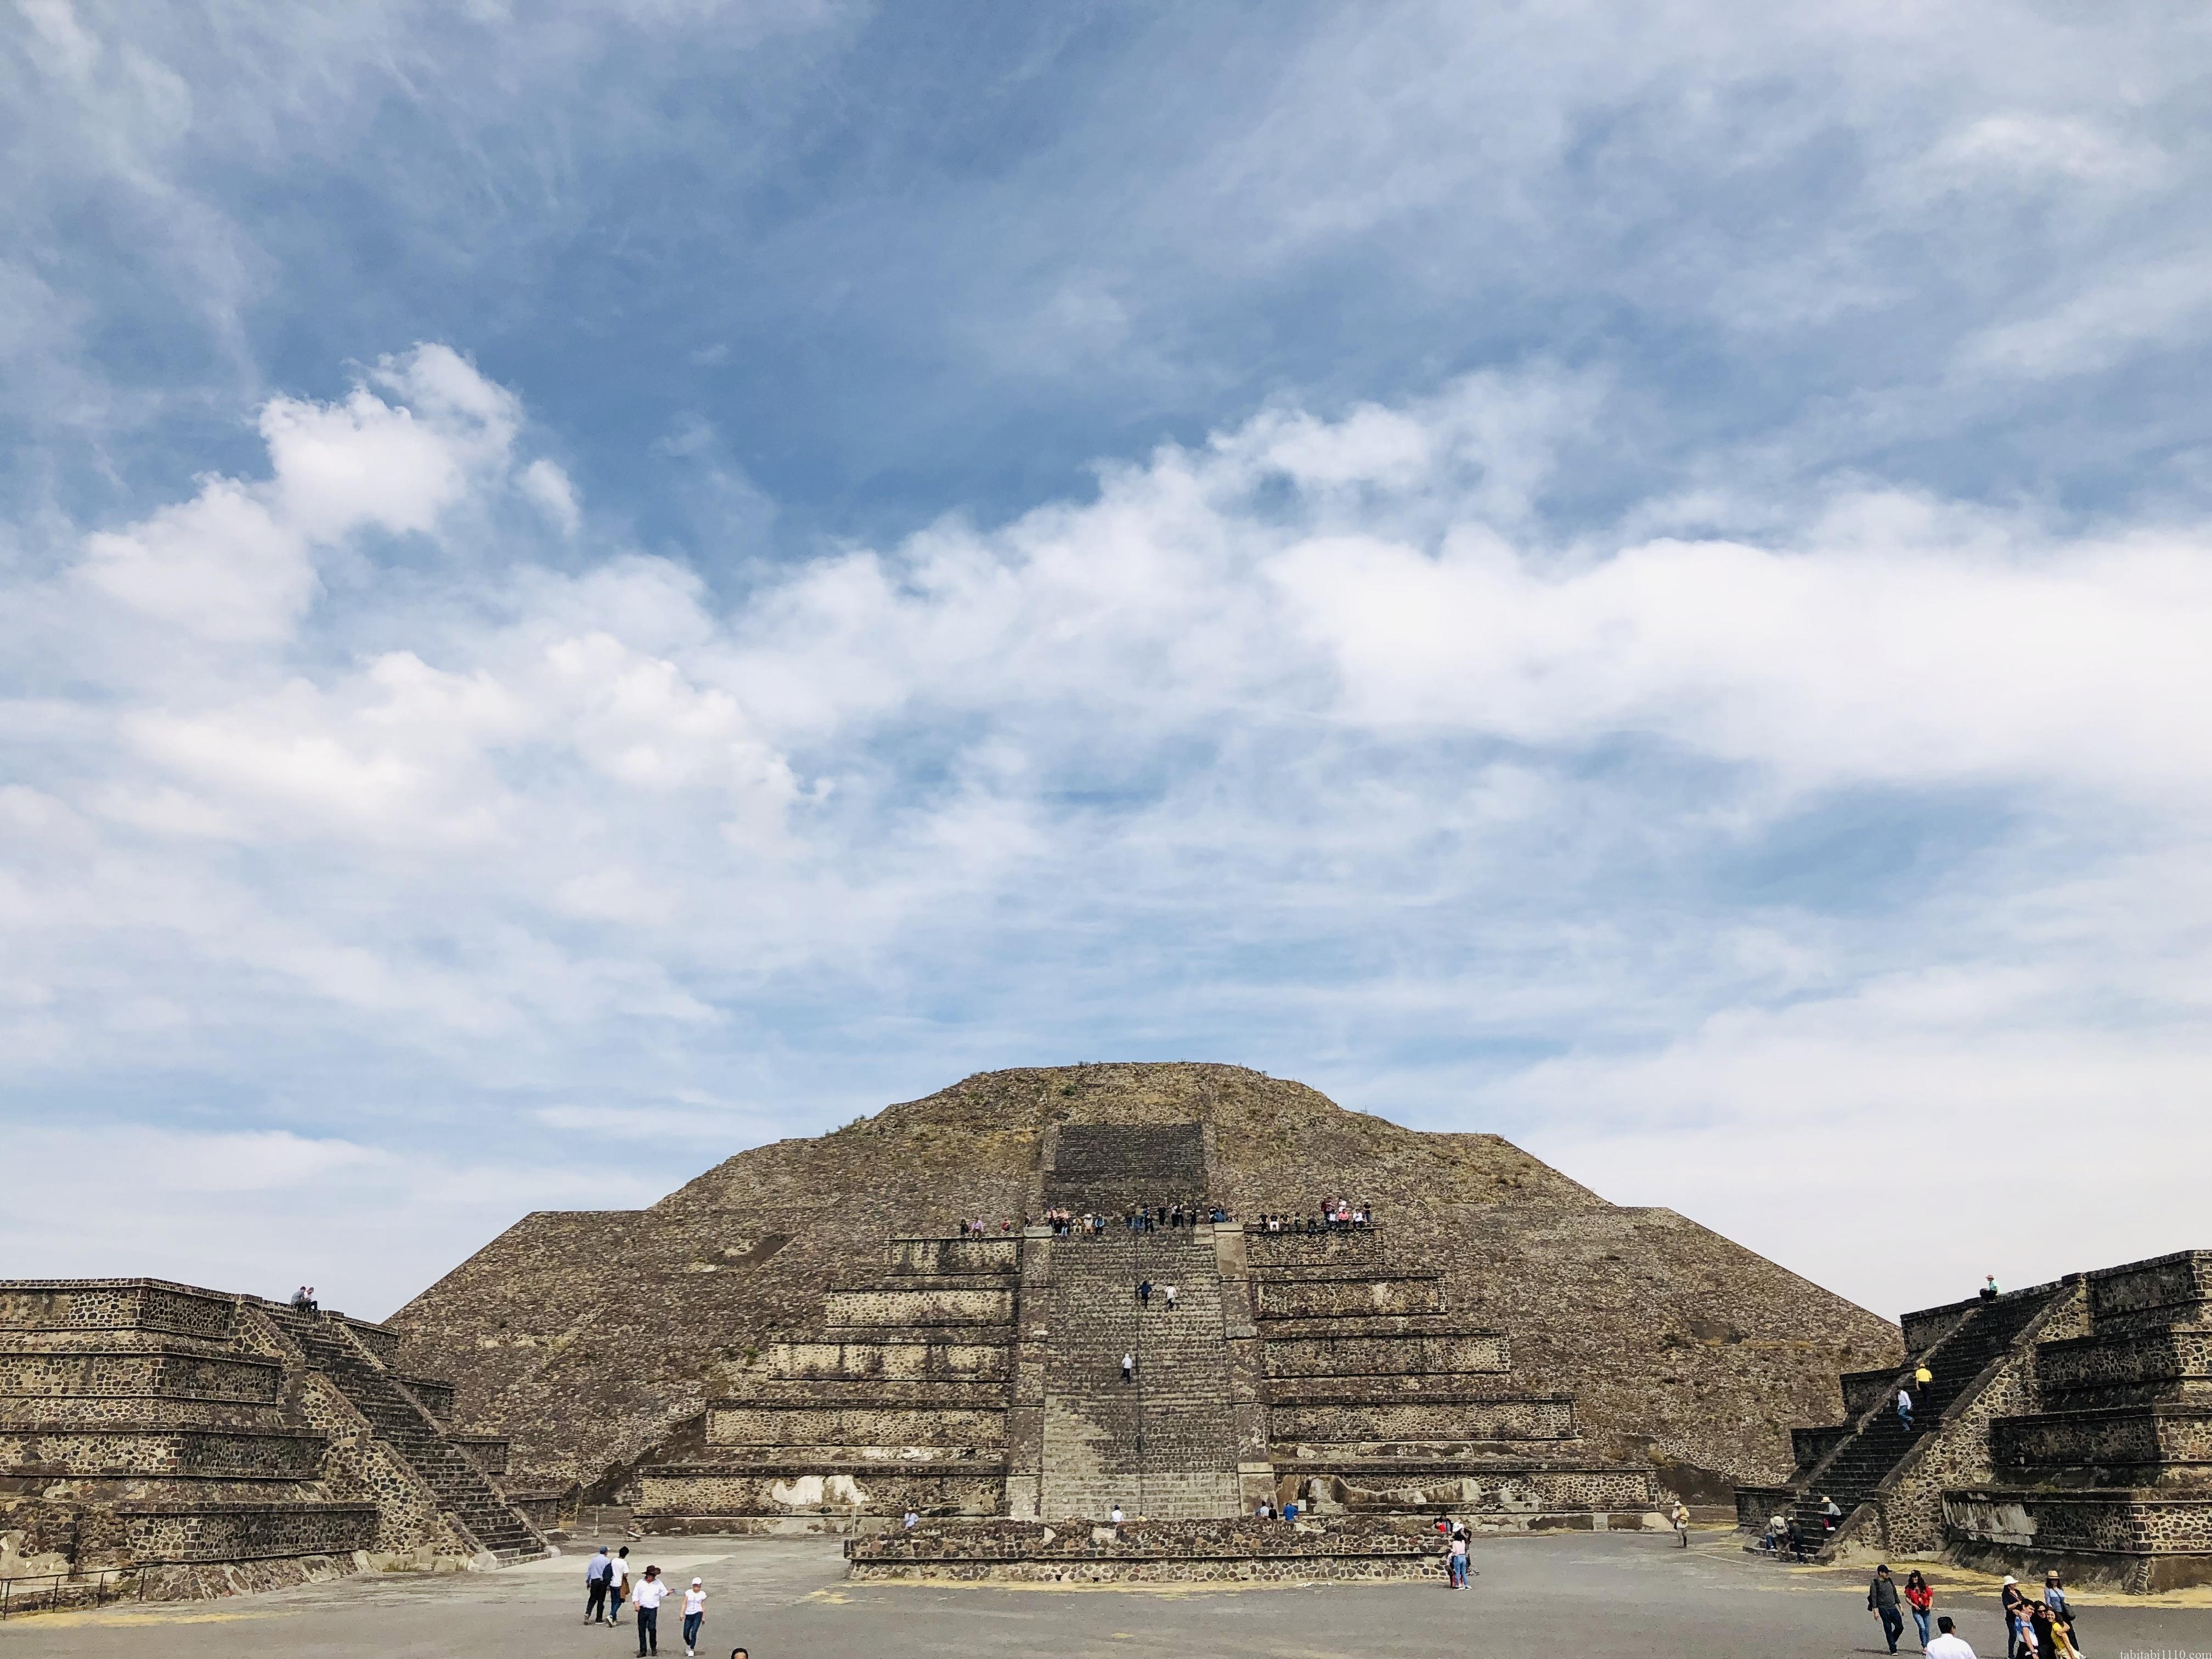 テオティワカン|月のピラミッド